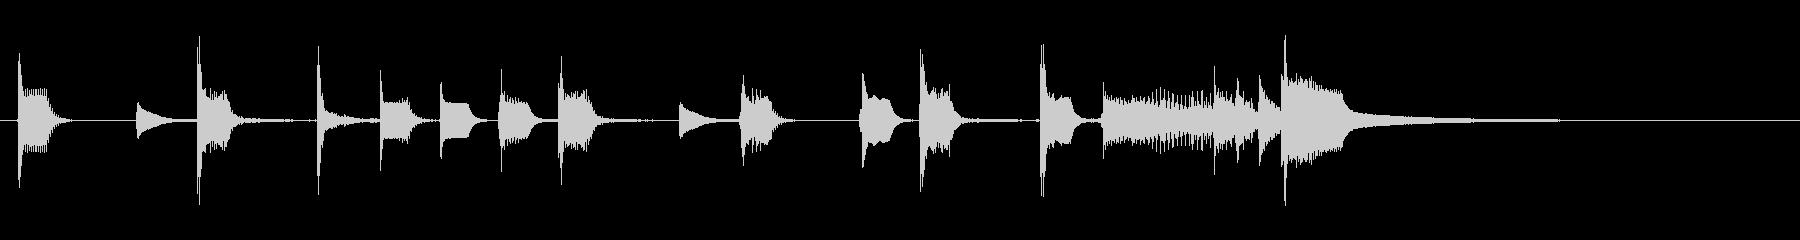 呑気なジングル-クラビ主旋Aの未再生の波形